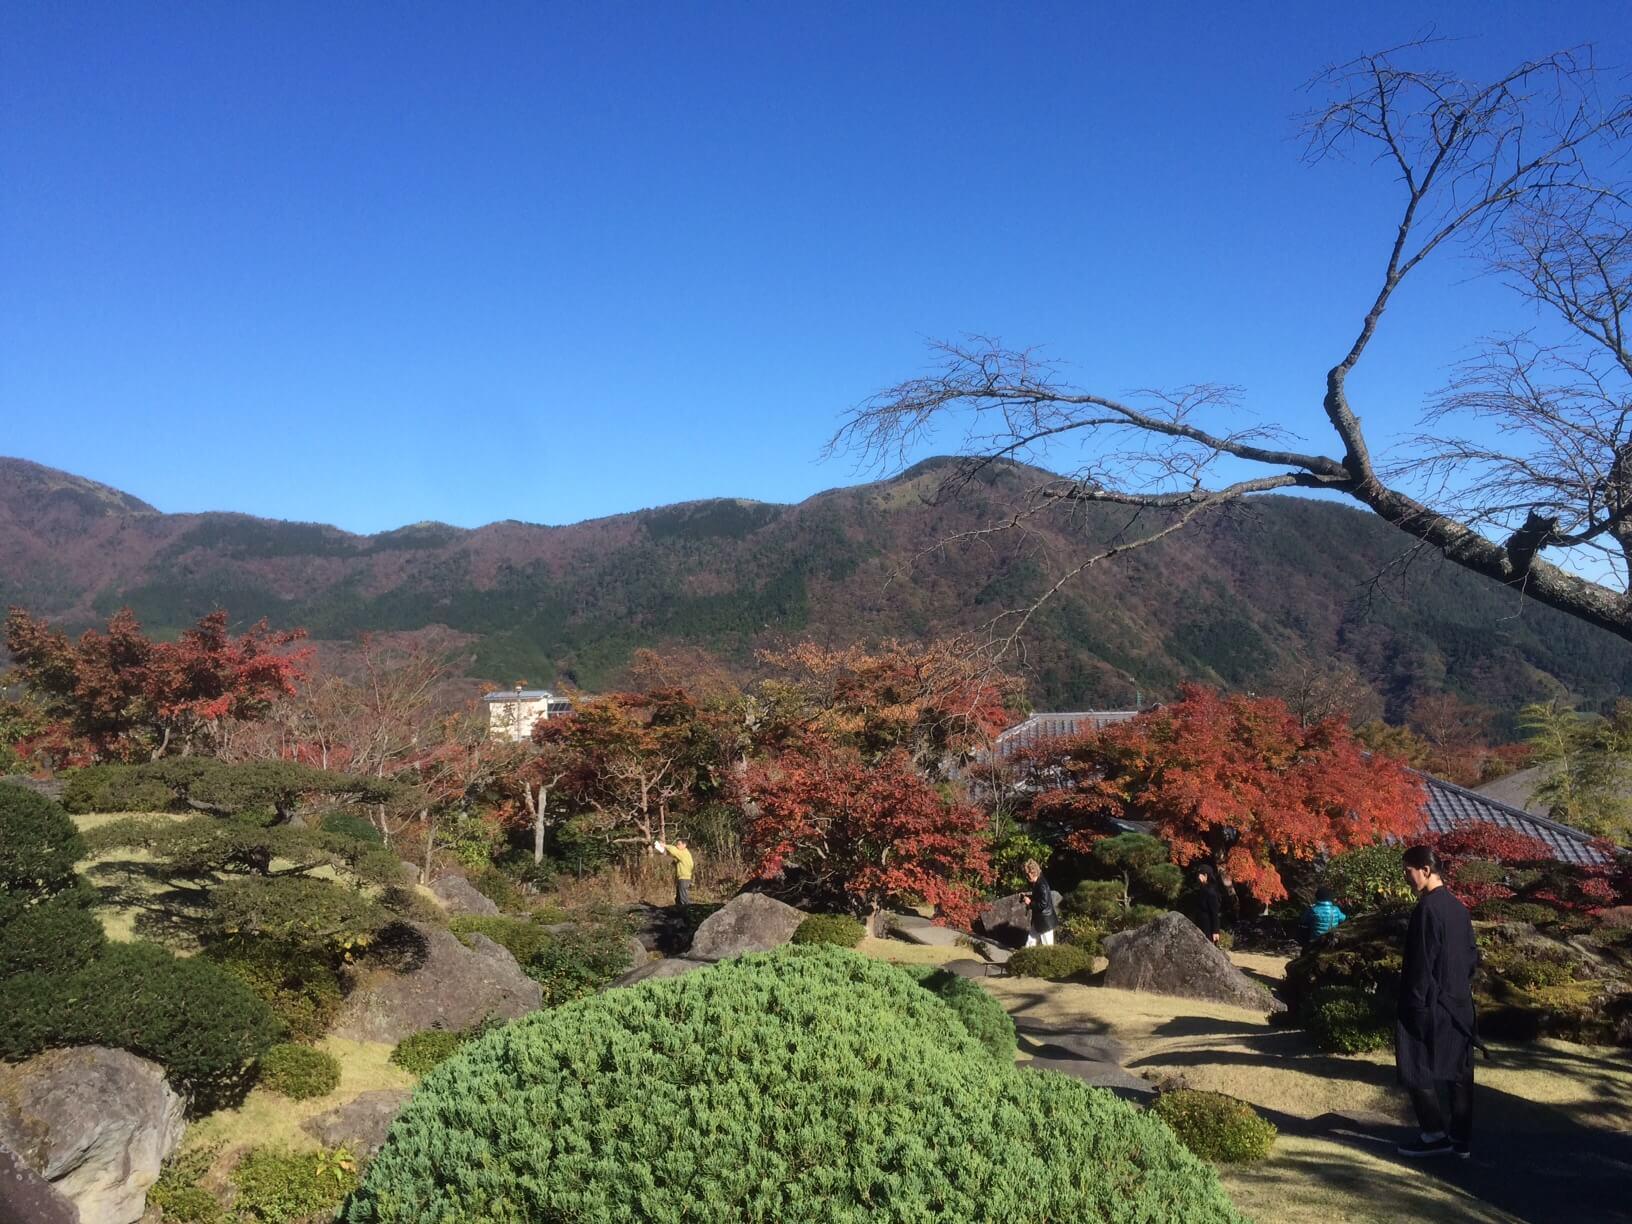 箱根美術館からの眺め